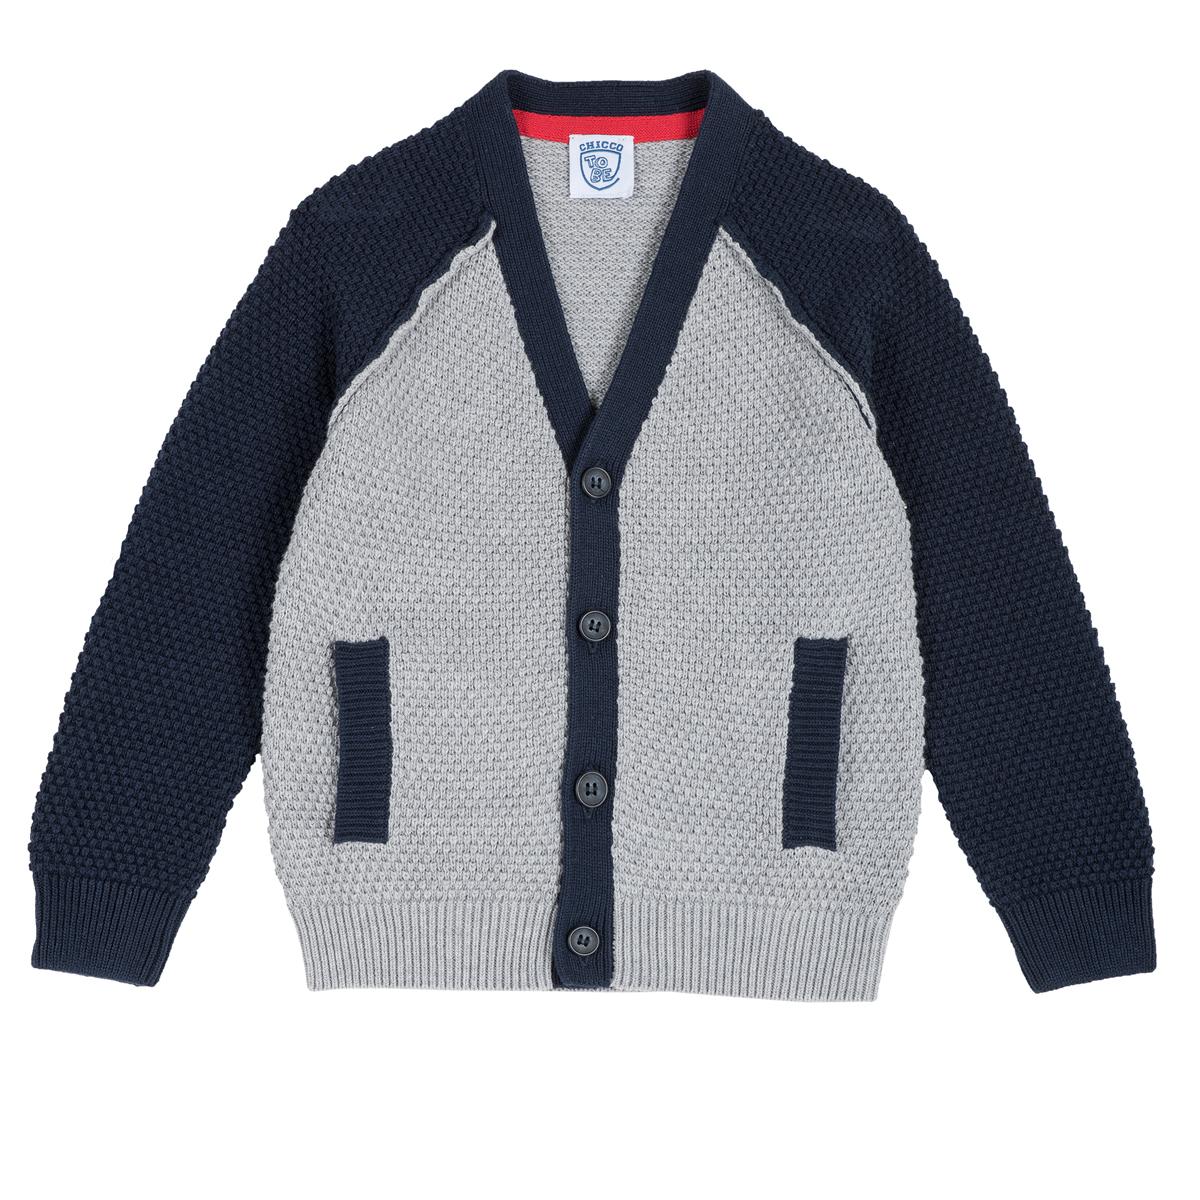 Cardigan copii Chicco, tricotat, gri inchis, 96879